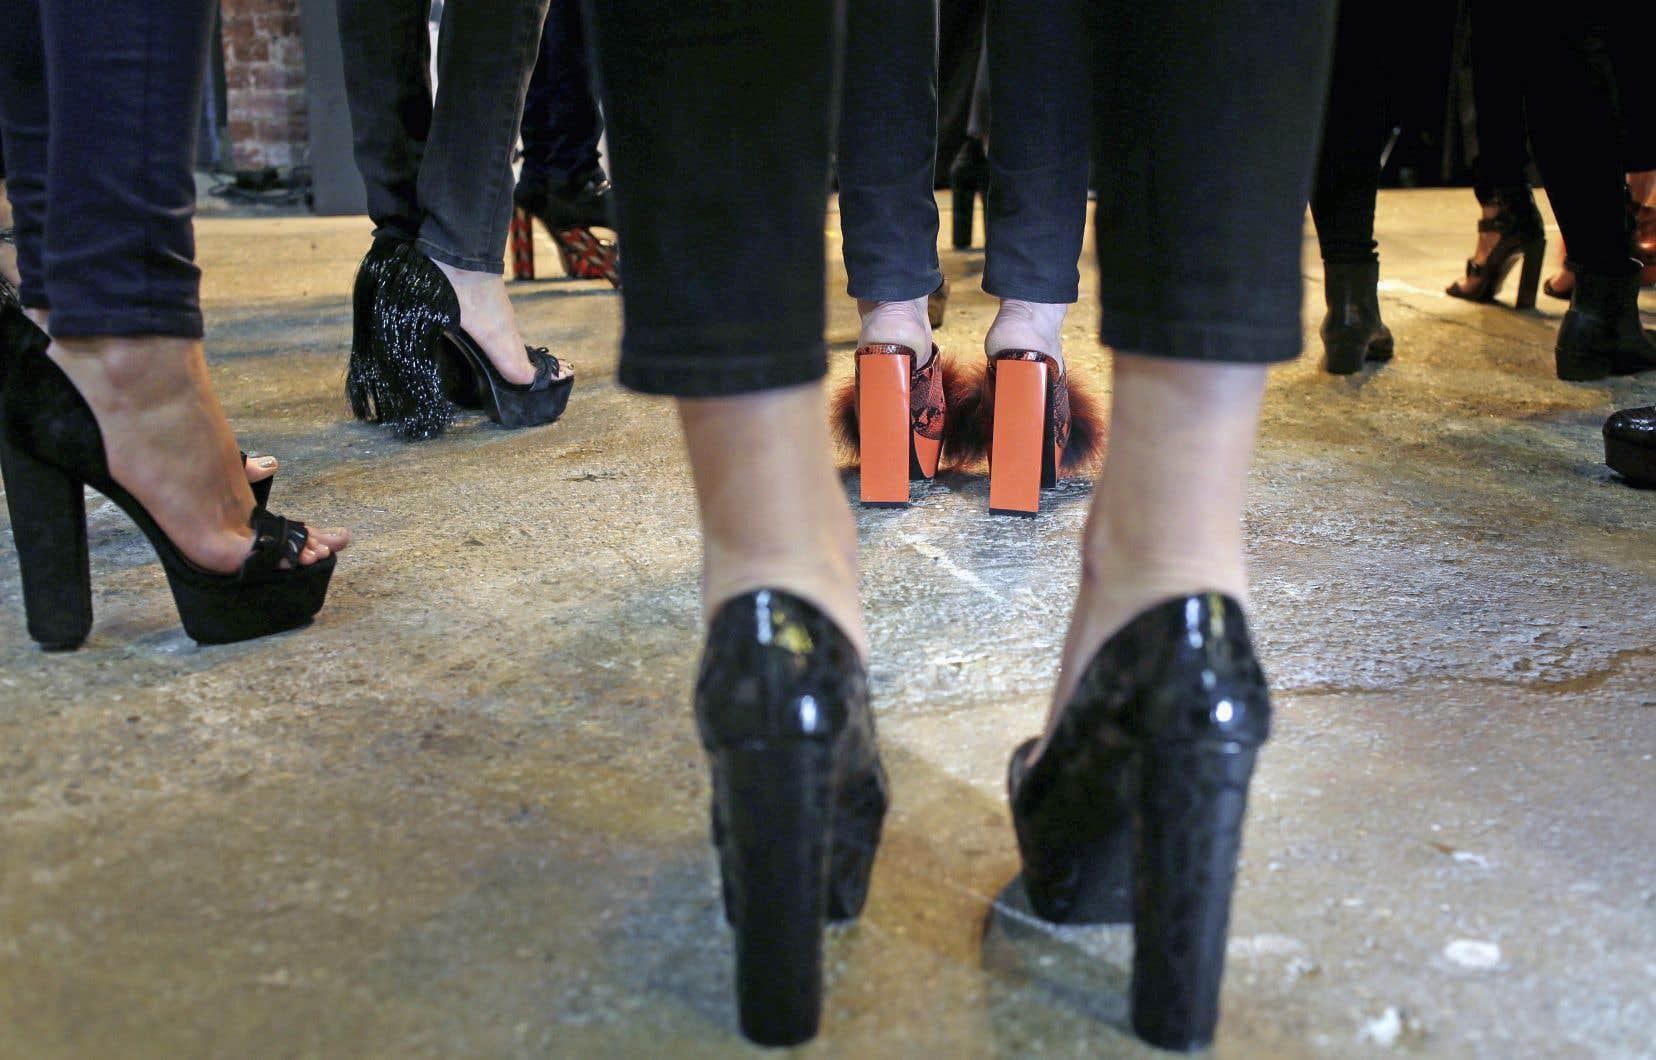 Au boulot ou dans la rue, dans toutes les circonstances, petites ou grandes, les talons élevés semblent avoir de moins en moins la cote. Selon un sondage américain, les souliers à talons ont accusé un recul des ventes de 12% en 2017.